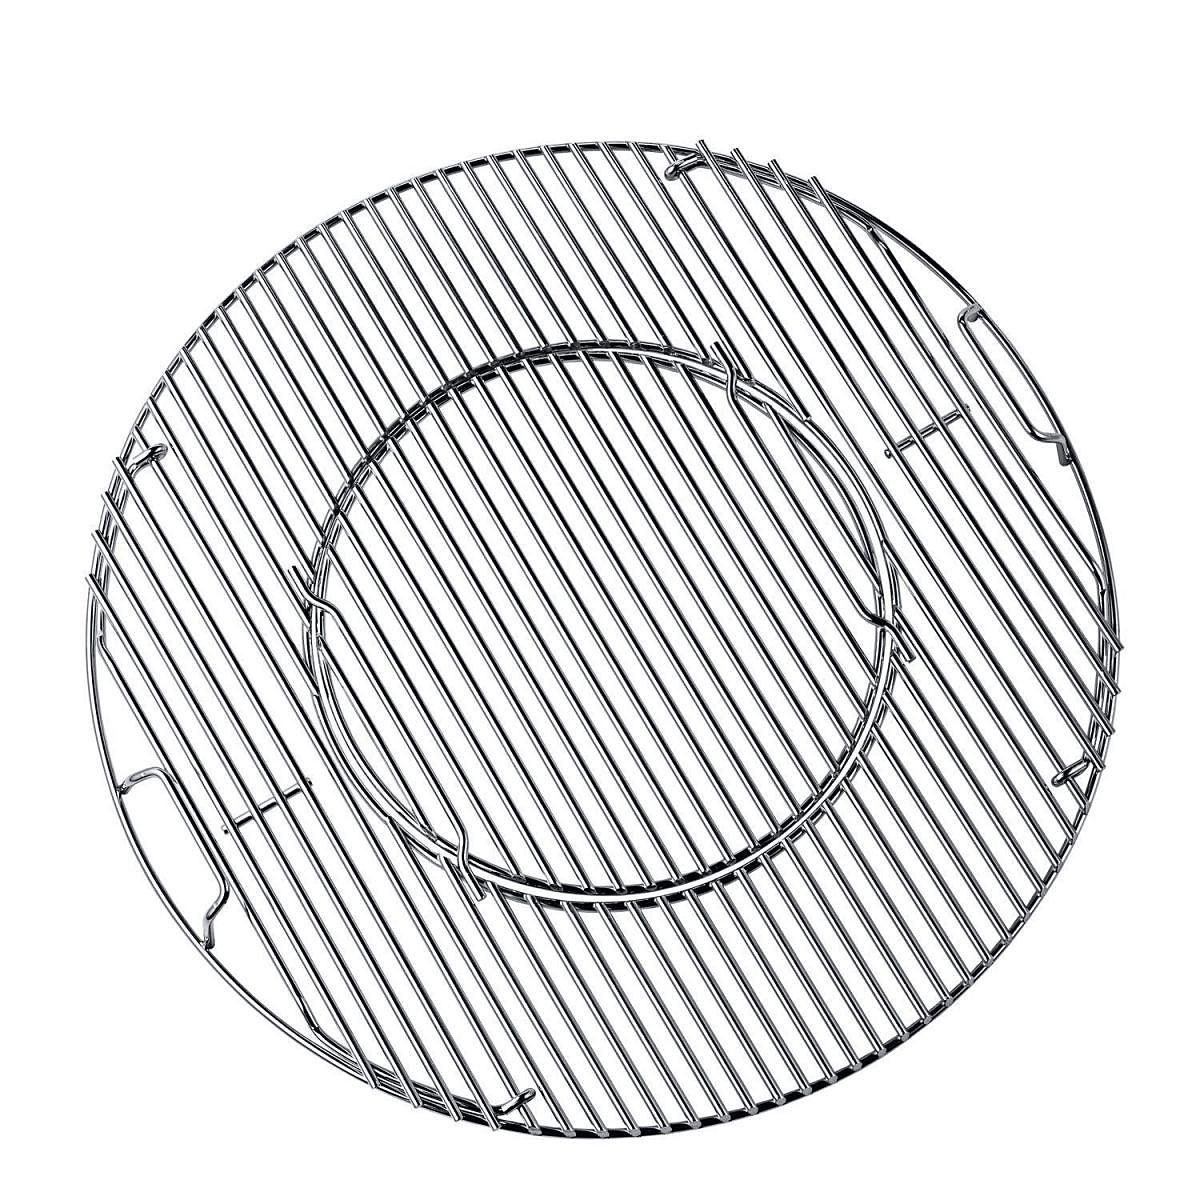 Rothmann Grillrost, rund, 57 cm